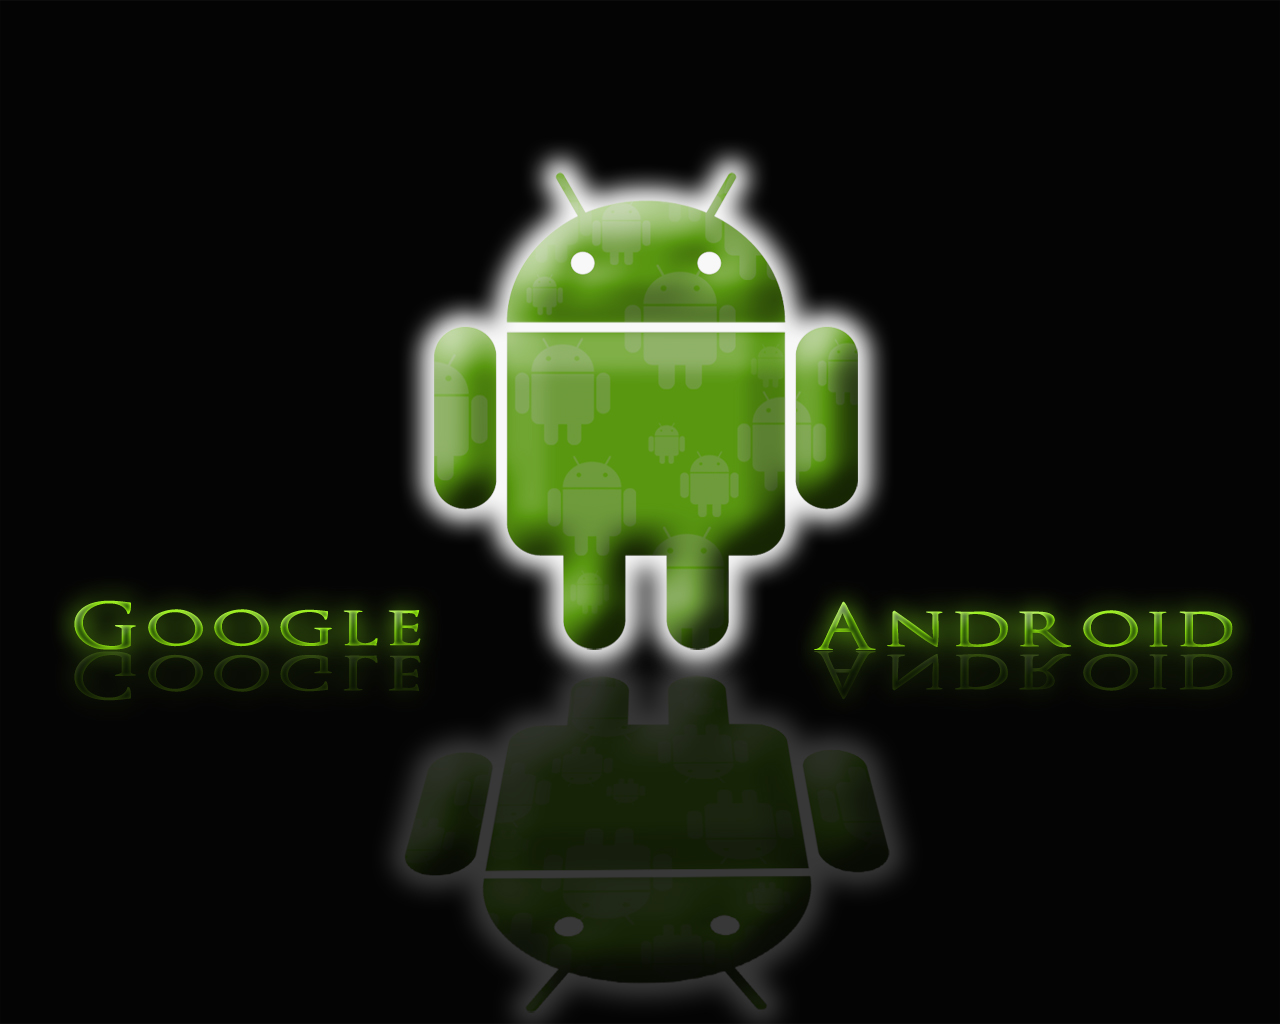 imagens de celular android - Confira como espelhar fotos no celular ou tablet Android